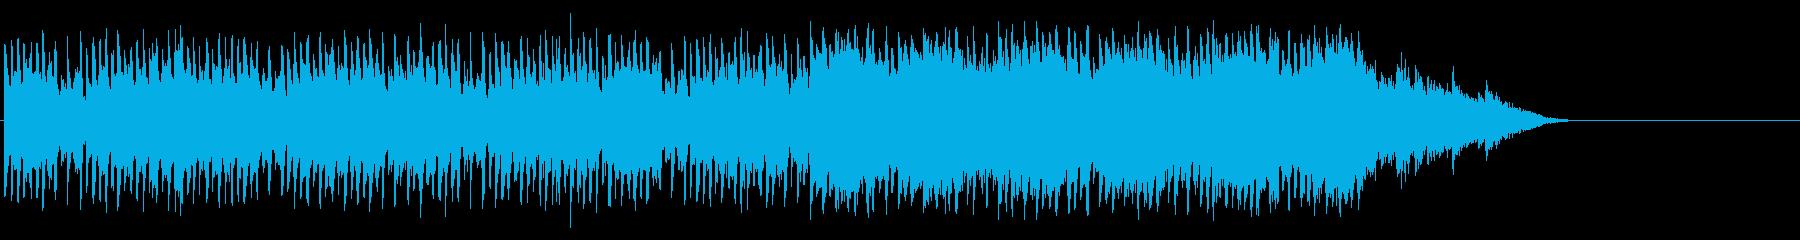 出発のエンドBGM(A~サビ~エンド)の再生済みの波形